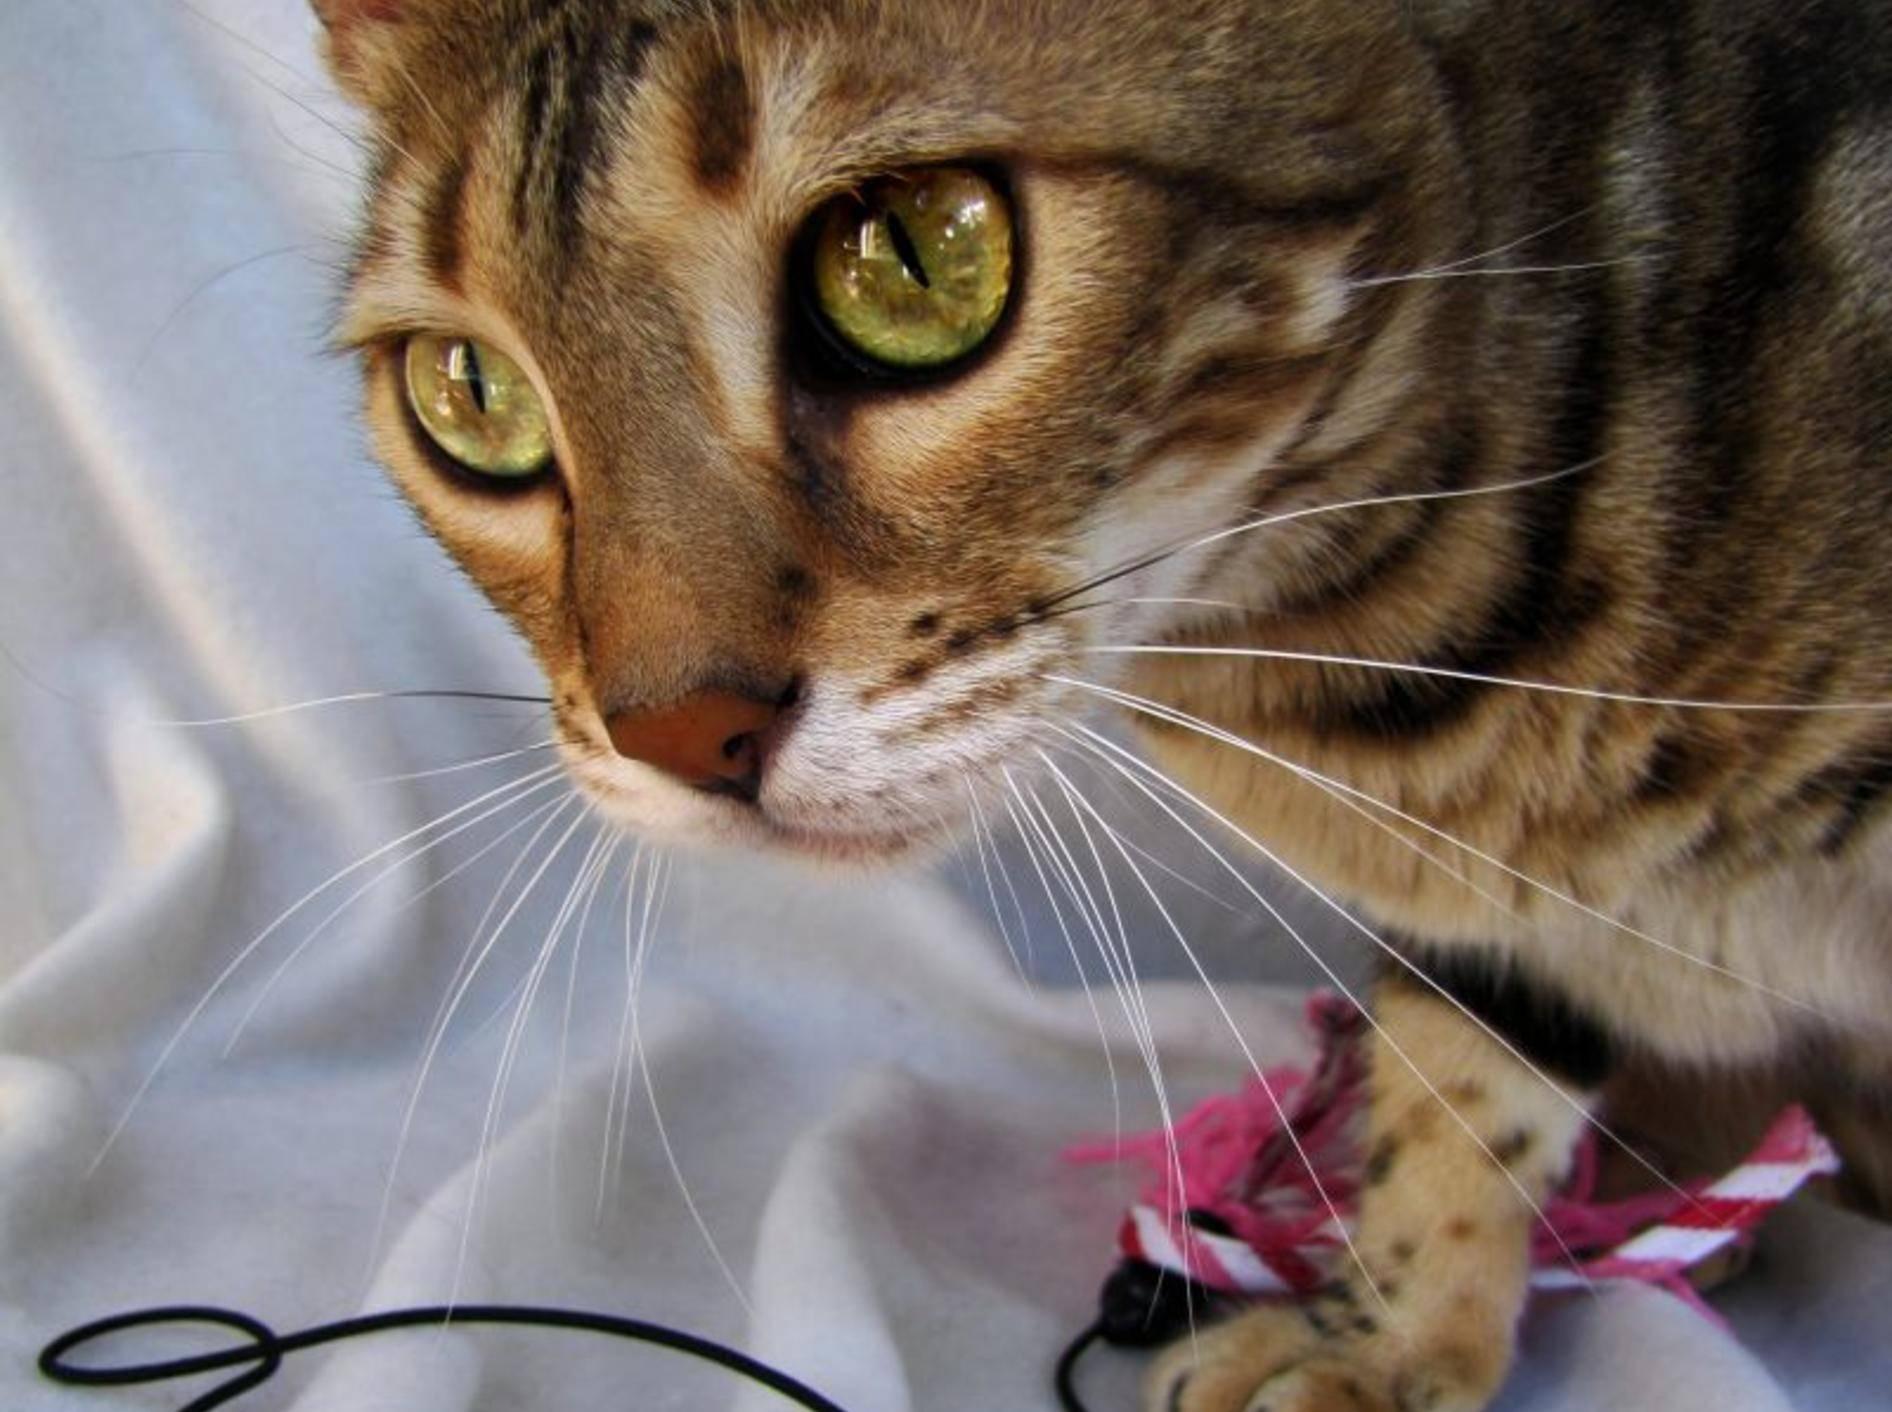 Die Bengal Katze braucht vor allen Dingen viel Platz zum Spielen und Toben – Bild: Shutterstock / Ilona Koeleman